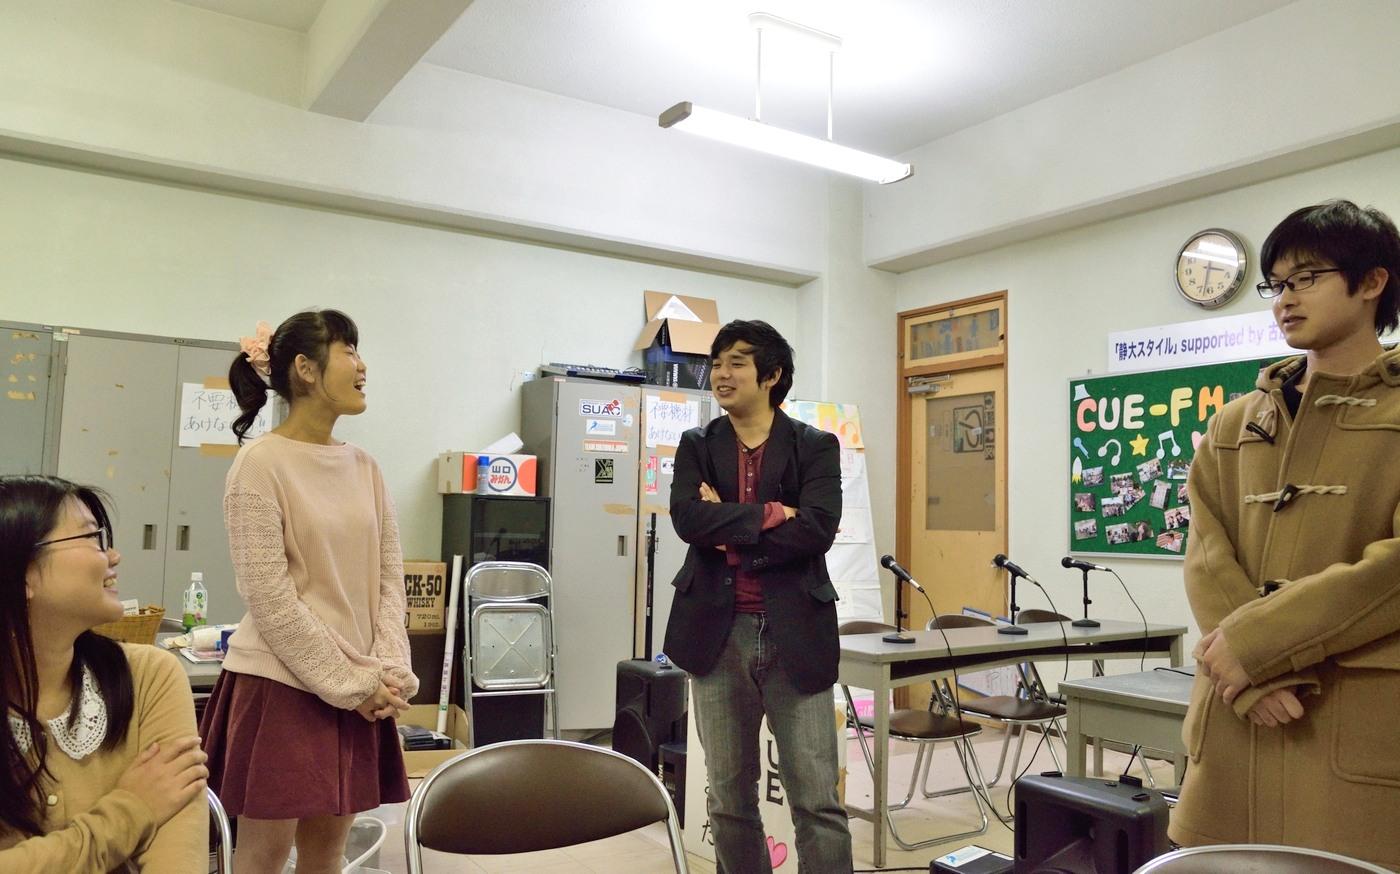 Cue-FM放送研究会